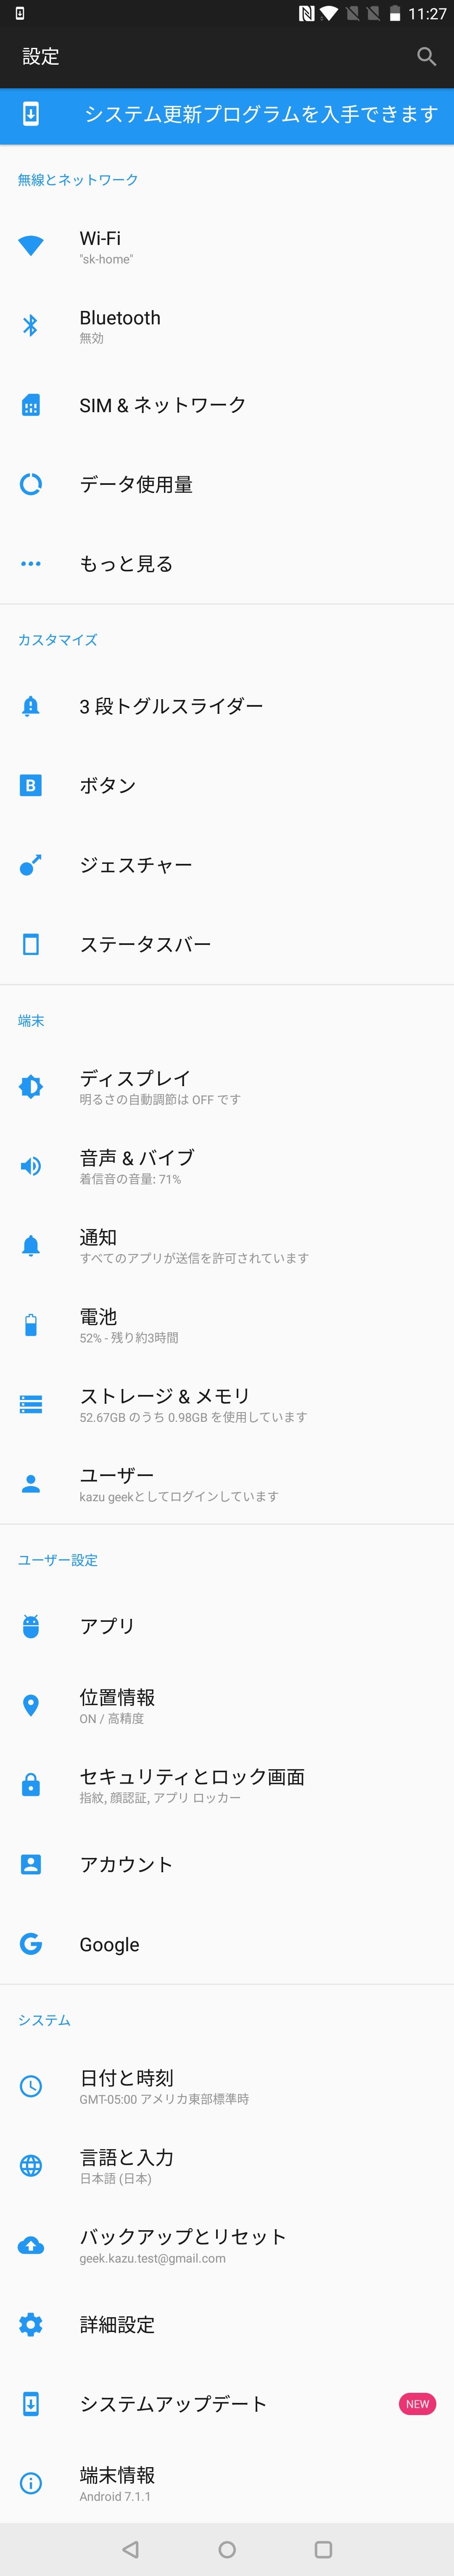 OnePlus 5T 設定 (1)